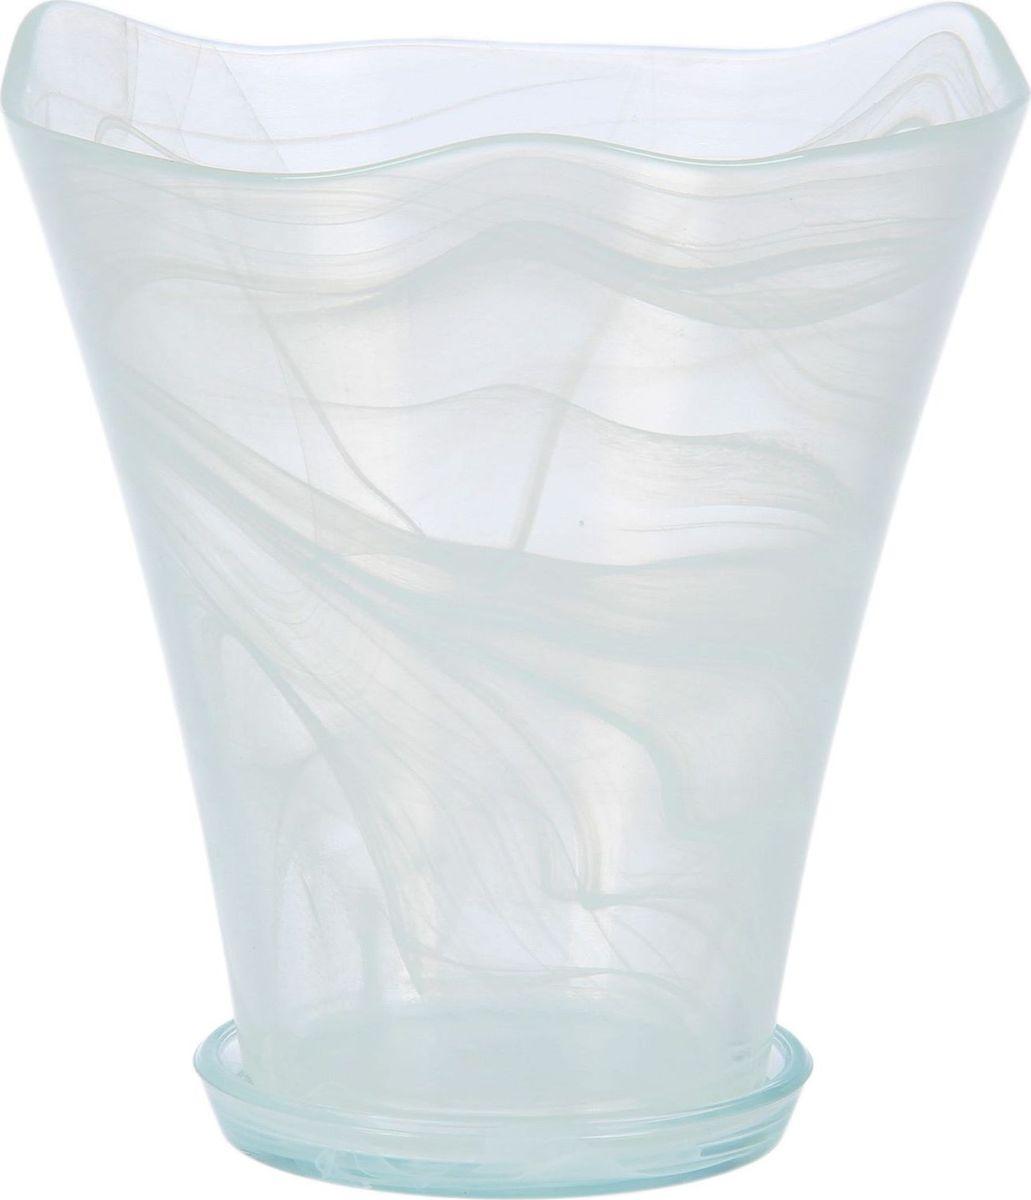 Кашпо NiNaGlass Кристина, с поддоном, цвет: белый, 19 х 19 х 20 см1428542Комнатные растения — всеобщие любимцы. Они радуют глаз, насыщают помещение кислородом и украшают пространство. Каждому цветку необходим свой удобный и красивый дом. Из-за прозрачности стекла такие декоративные вазы для горшков пользуются большой популярностью для выращивания орхидей. позаботится о зеленом питомце, освежит интерьер и подчеркнет его стиль!